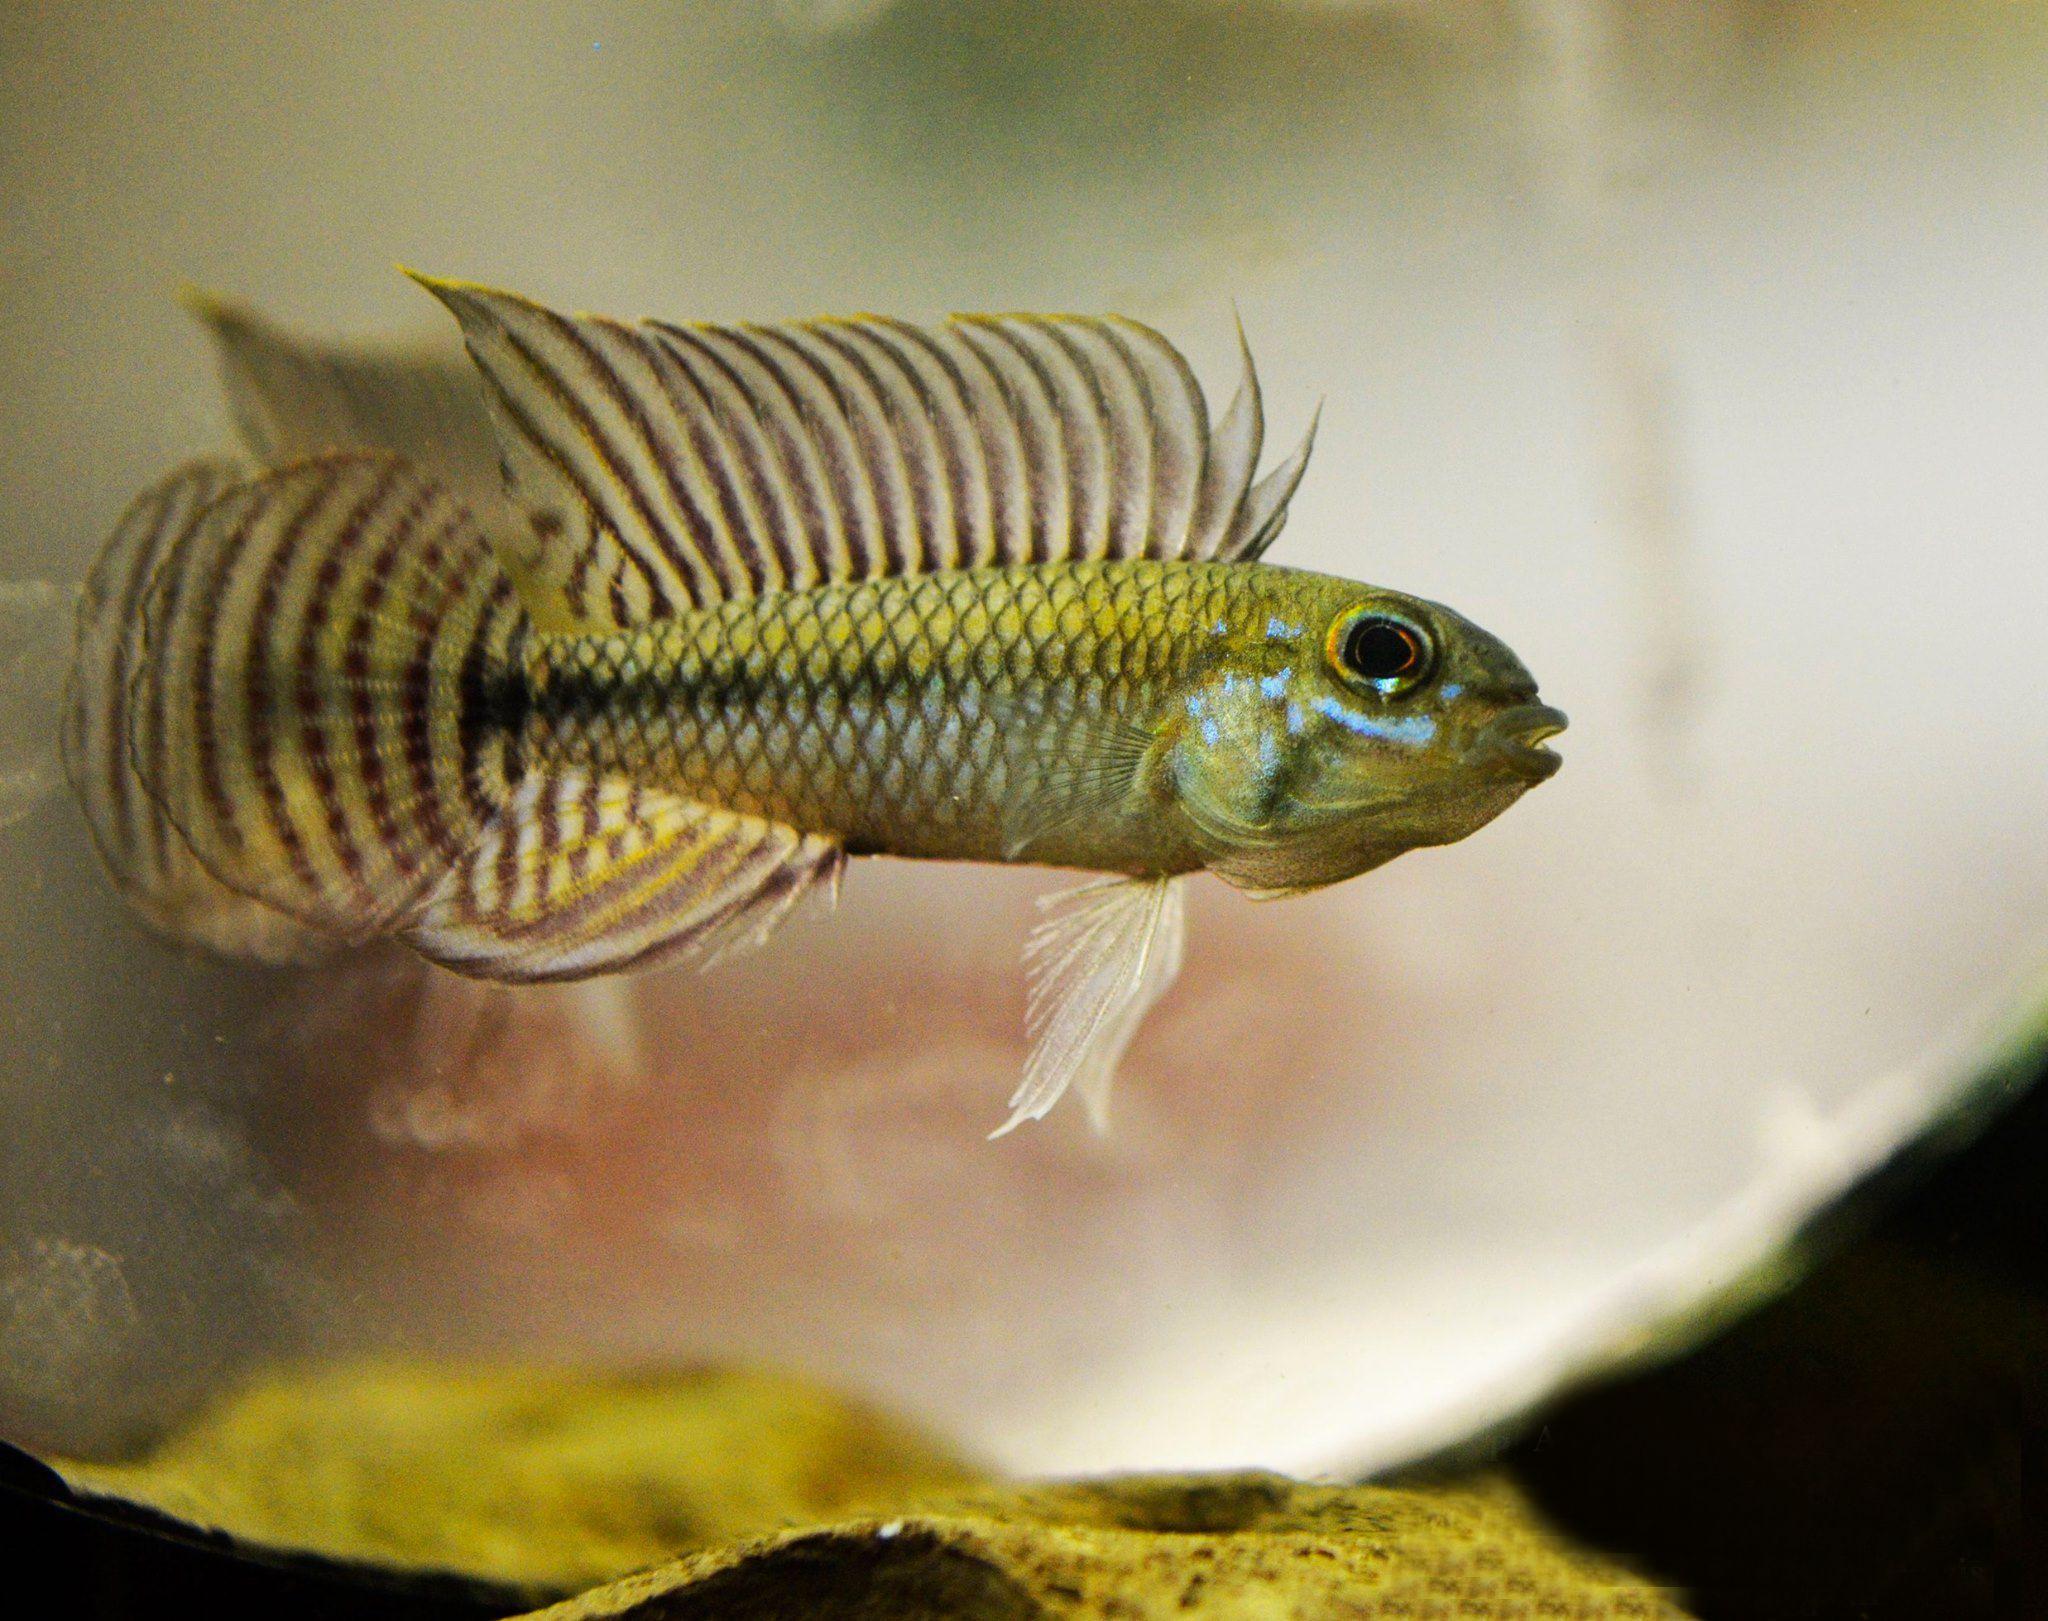 520l cabinet aquarium fish tank tropical - Apistogramma Cf Pertensis Tropical Aquariumtropical Fishfish Aquariumsaquarium